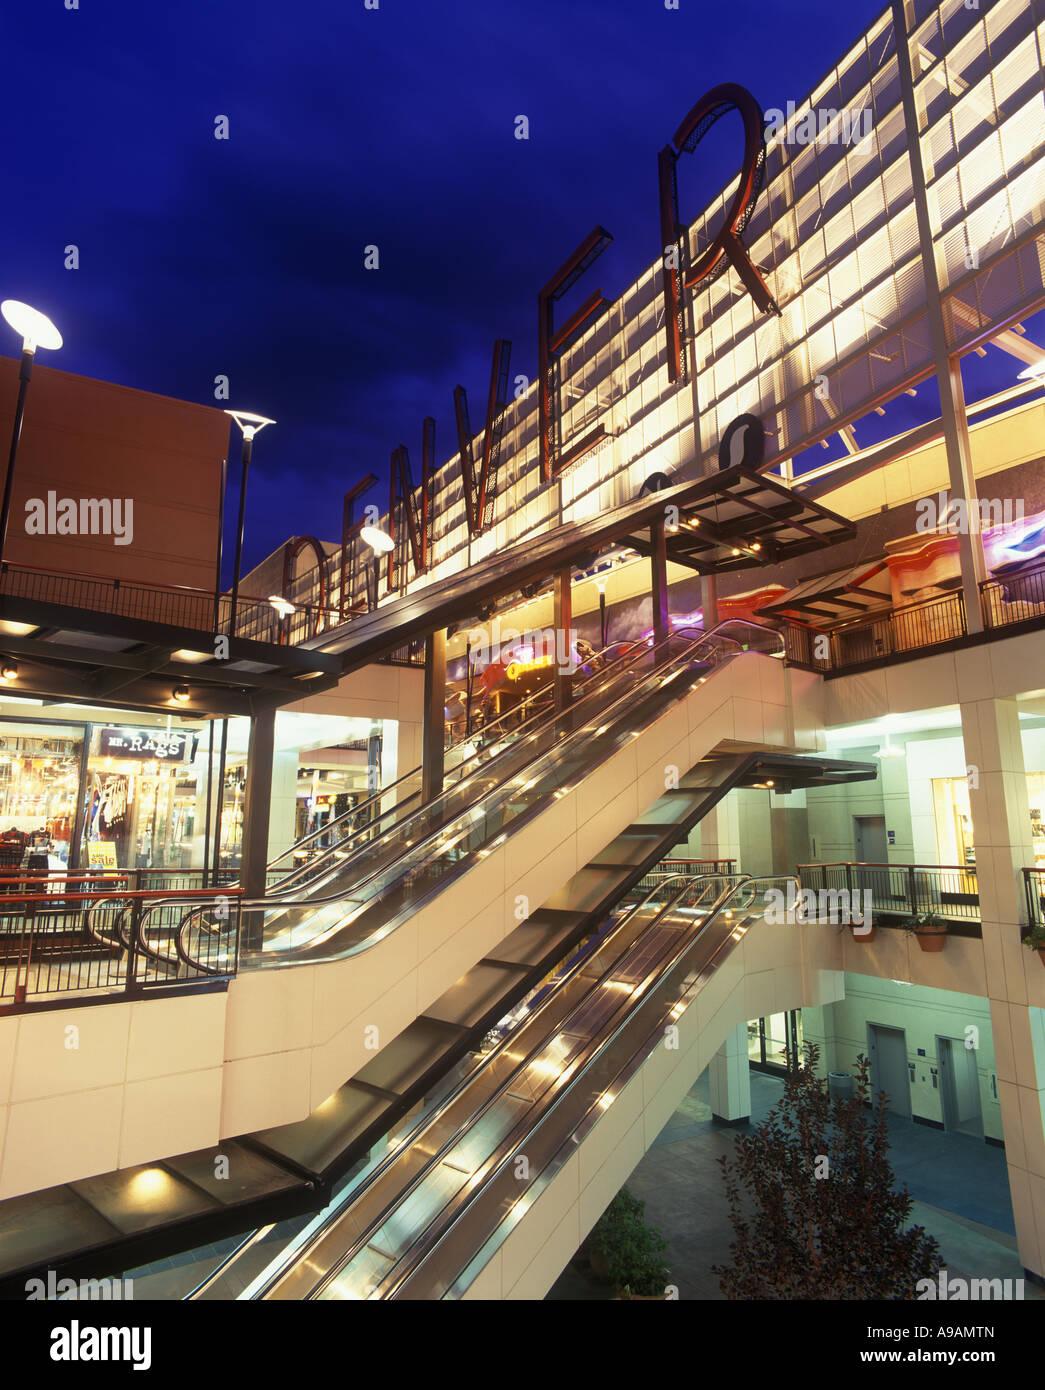 Denver Pavilions Stock Photos & Denver Pavilions Stock Images - Alamy